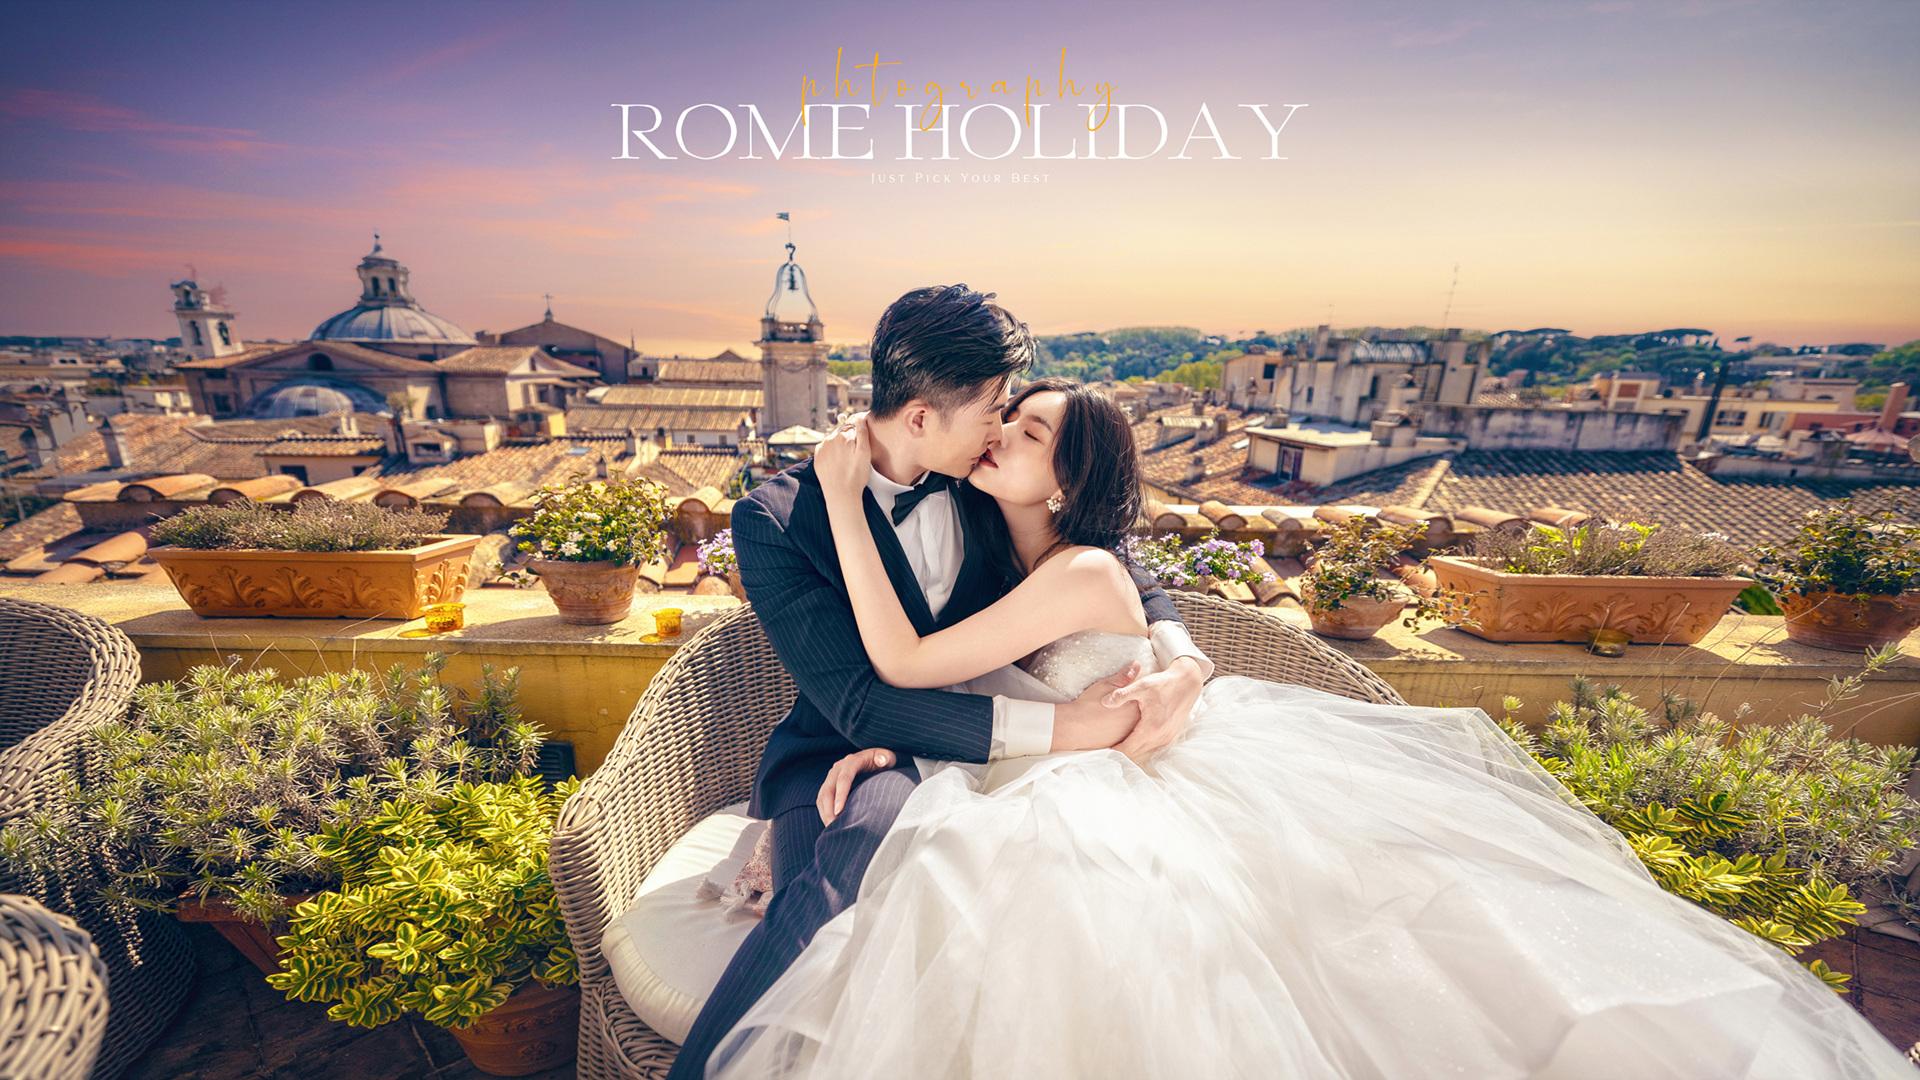 厦门婚纱摄影哪些景点必选 厦门婚纱摄影景点攻略分享 我们可以选择这些景点